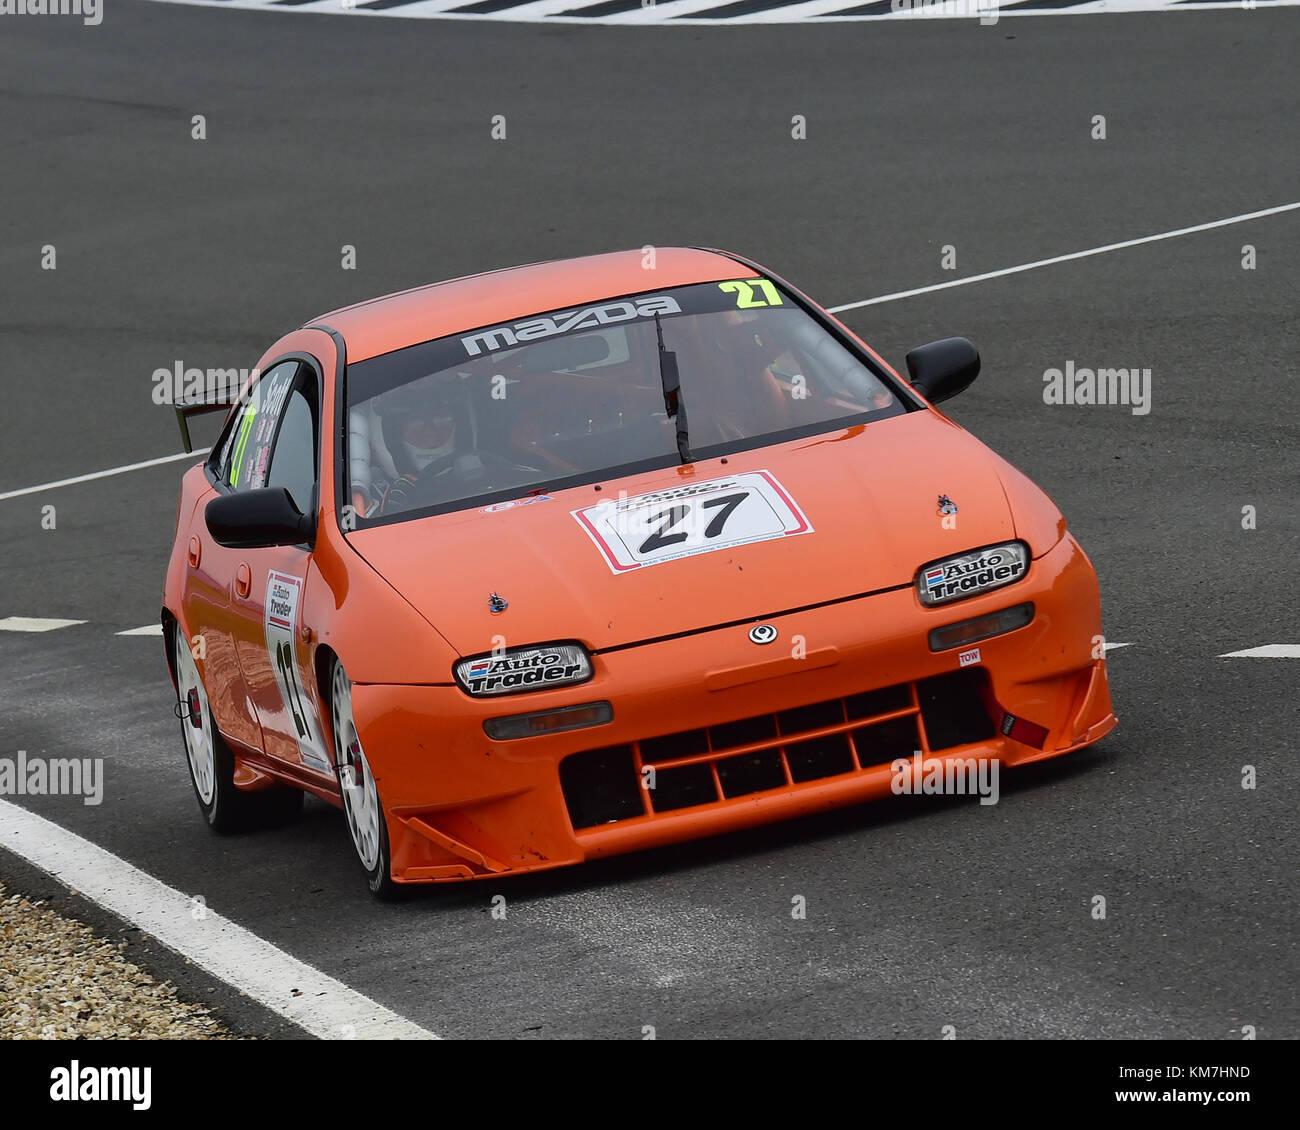 Allan Scott Mazda 323 Super Tourenwagen Trophy Silverstone